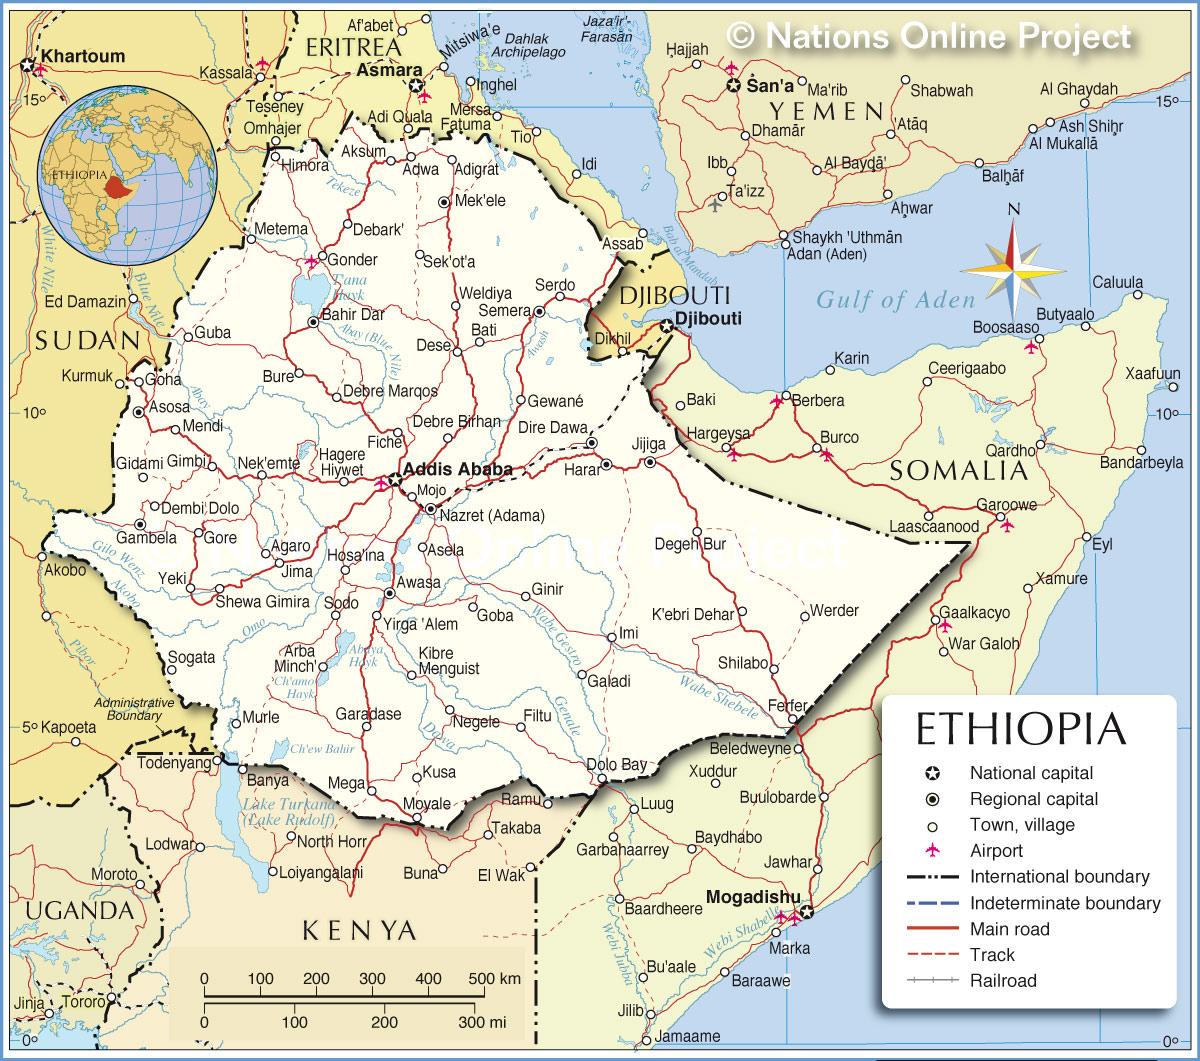 خريطة أثيوبيا التفصيلية